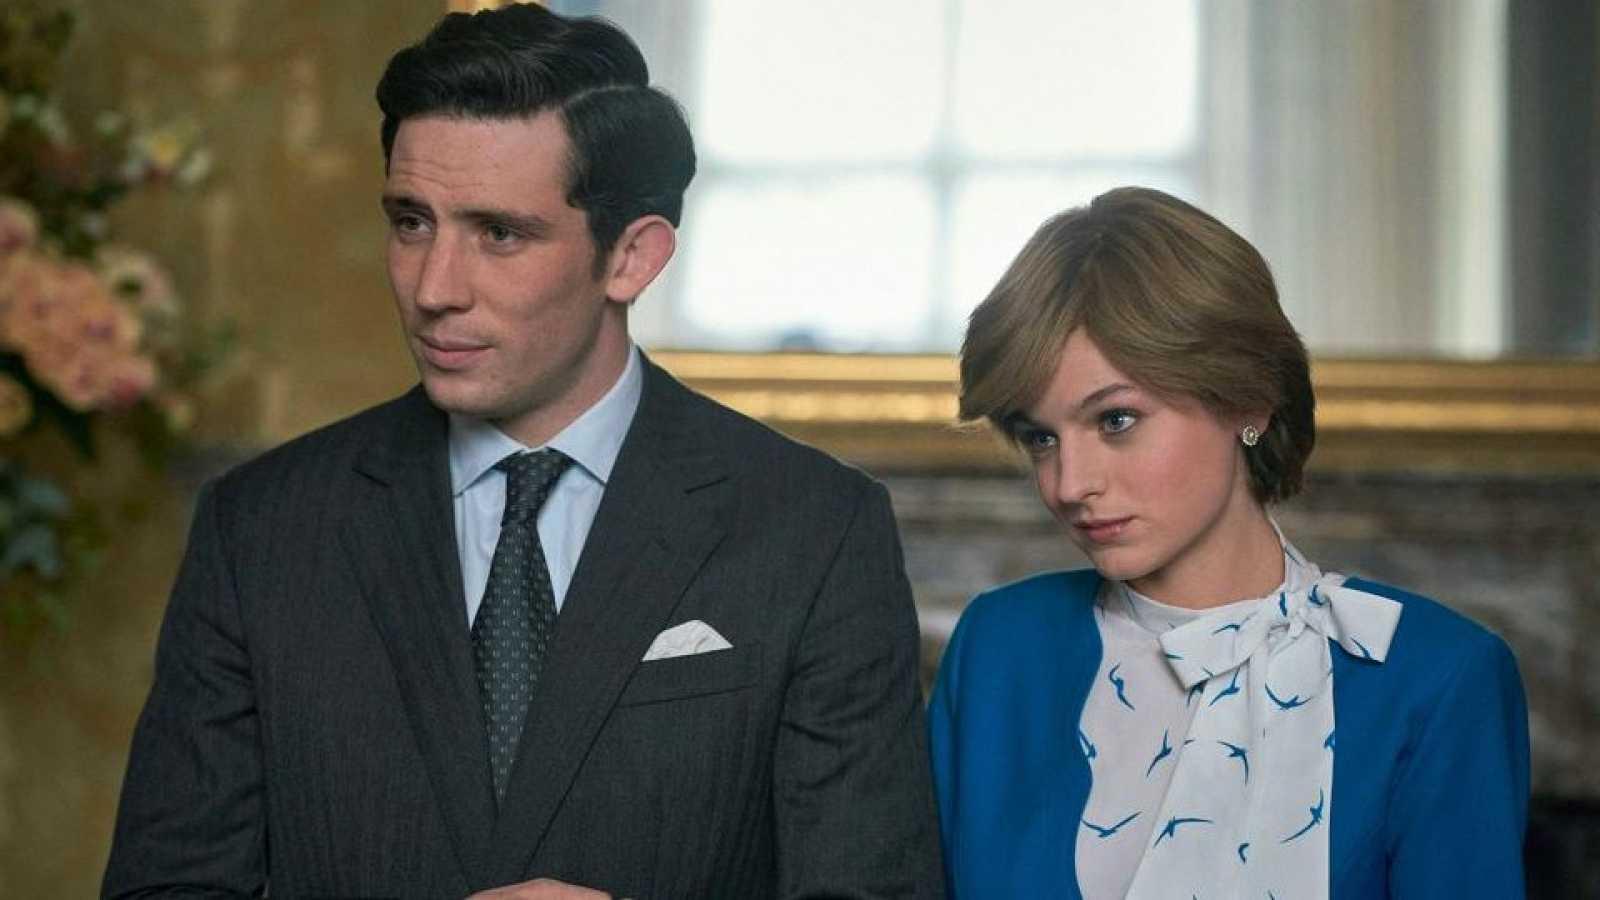 El ministro de Cultura británico pide a Netflix que aclare que 'The Crown' es ficción